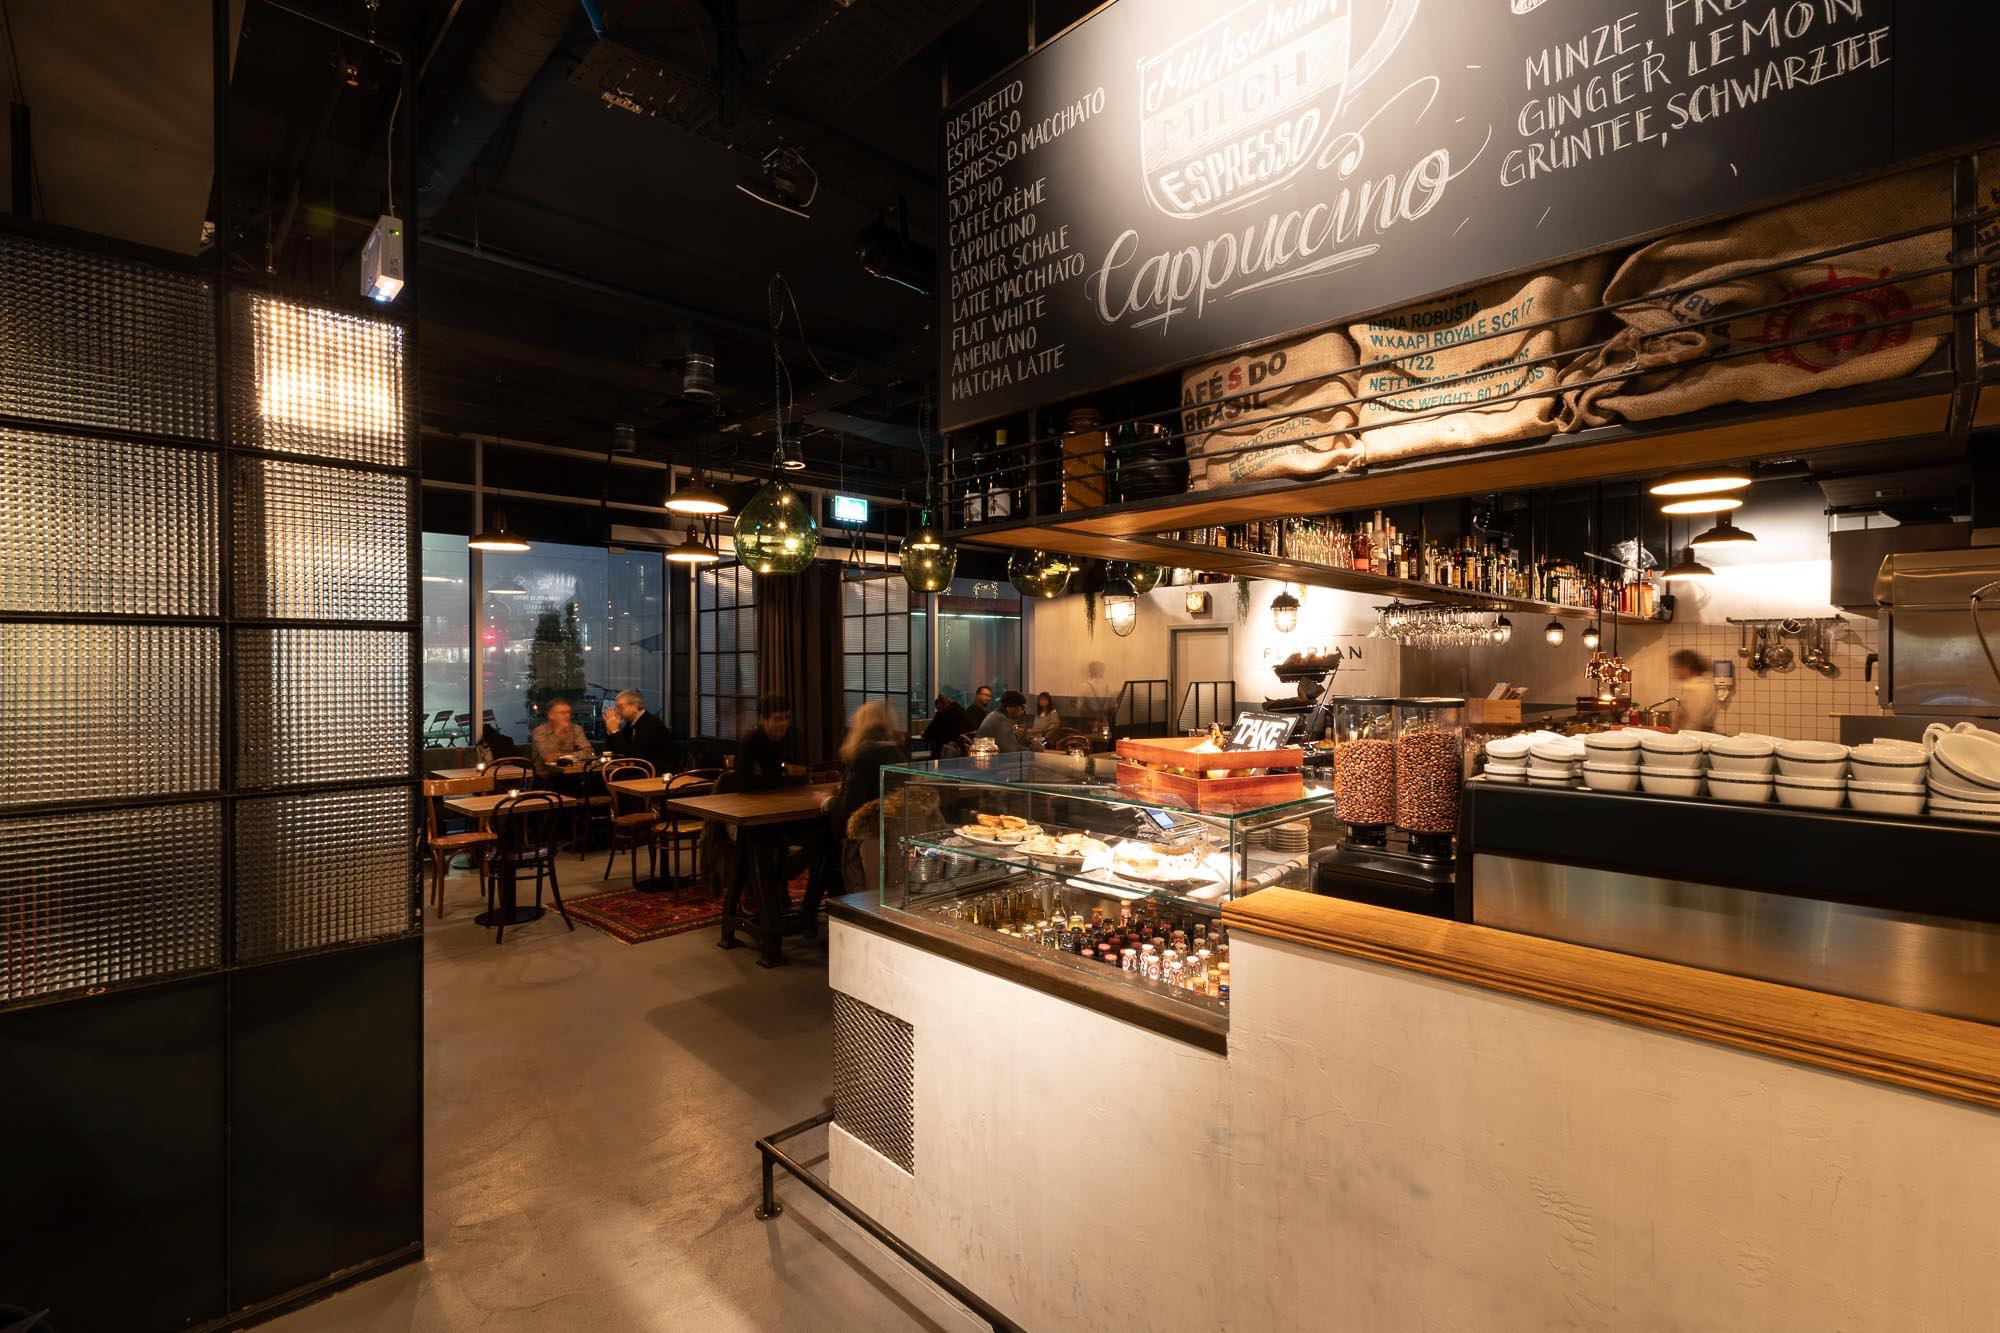 Innenarchitktur Gastronomie_Innen & Architektur_Studer.jpg